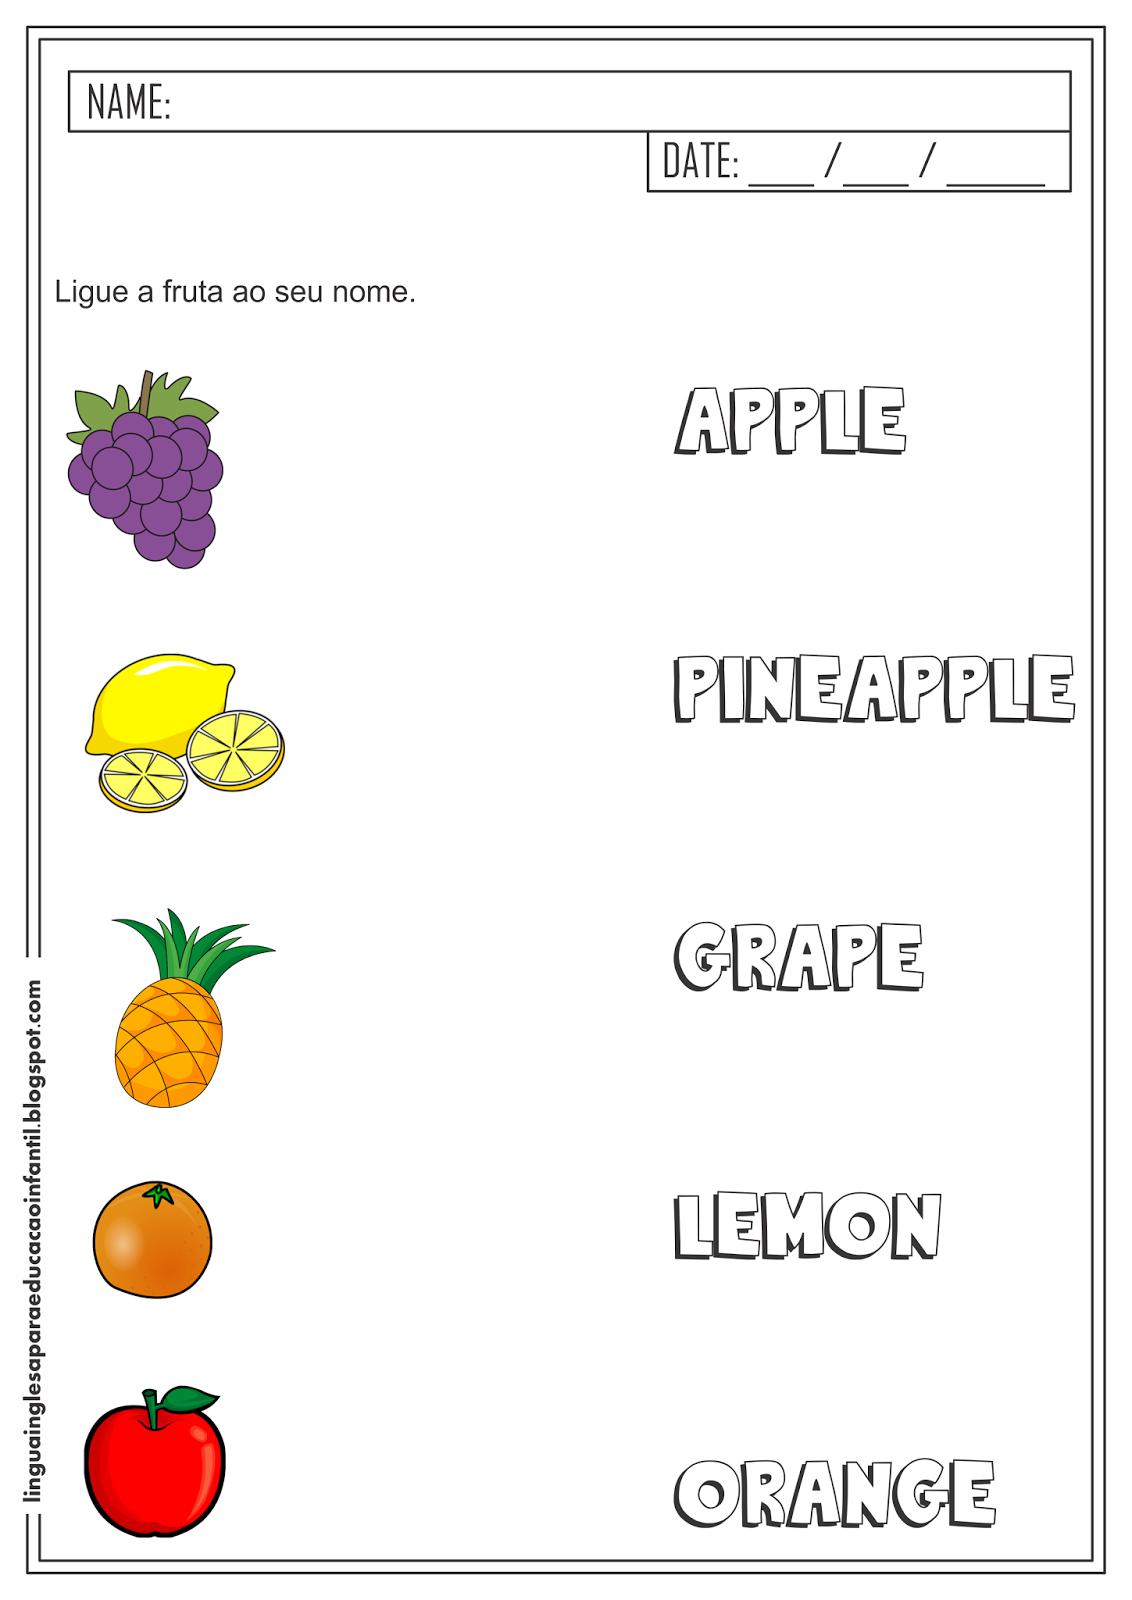 Atividade de Inglês - Nome das frutas - Liga Figuras